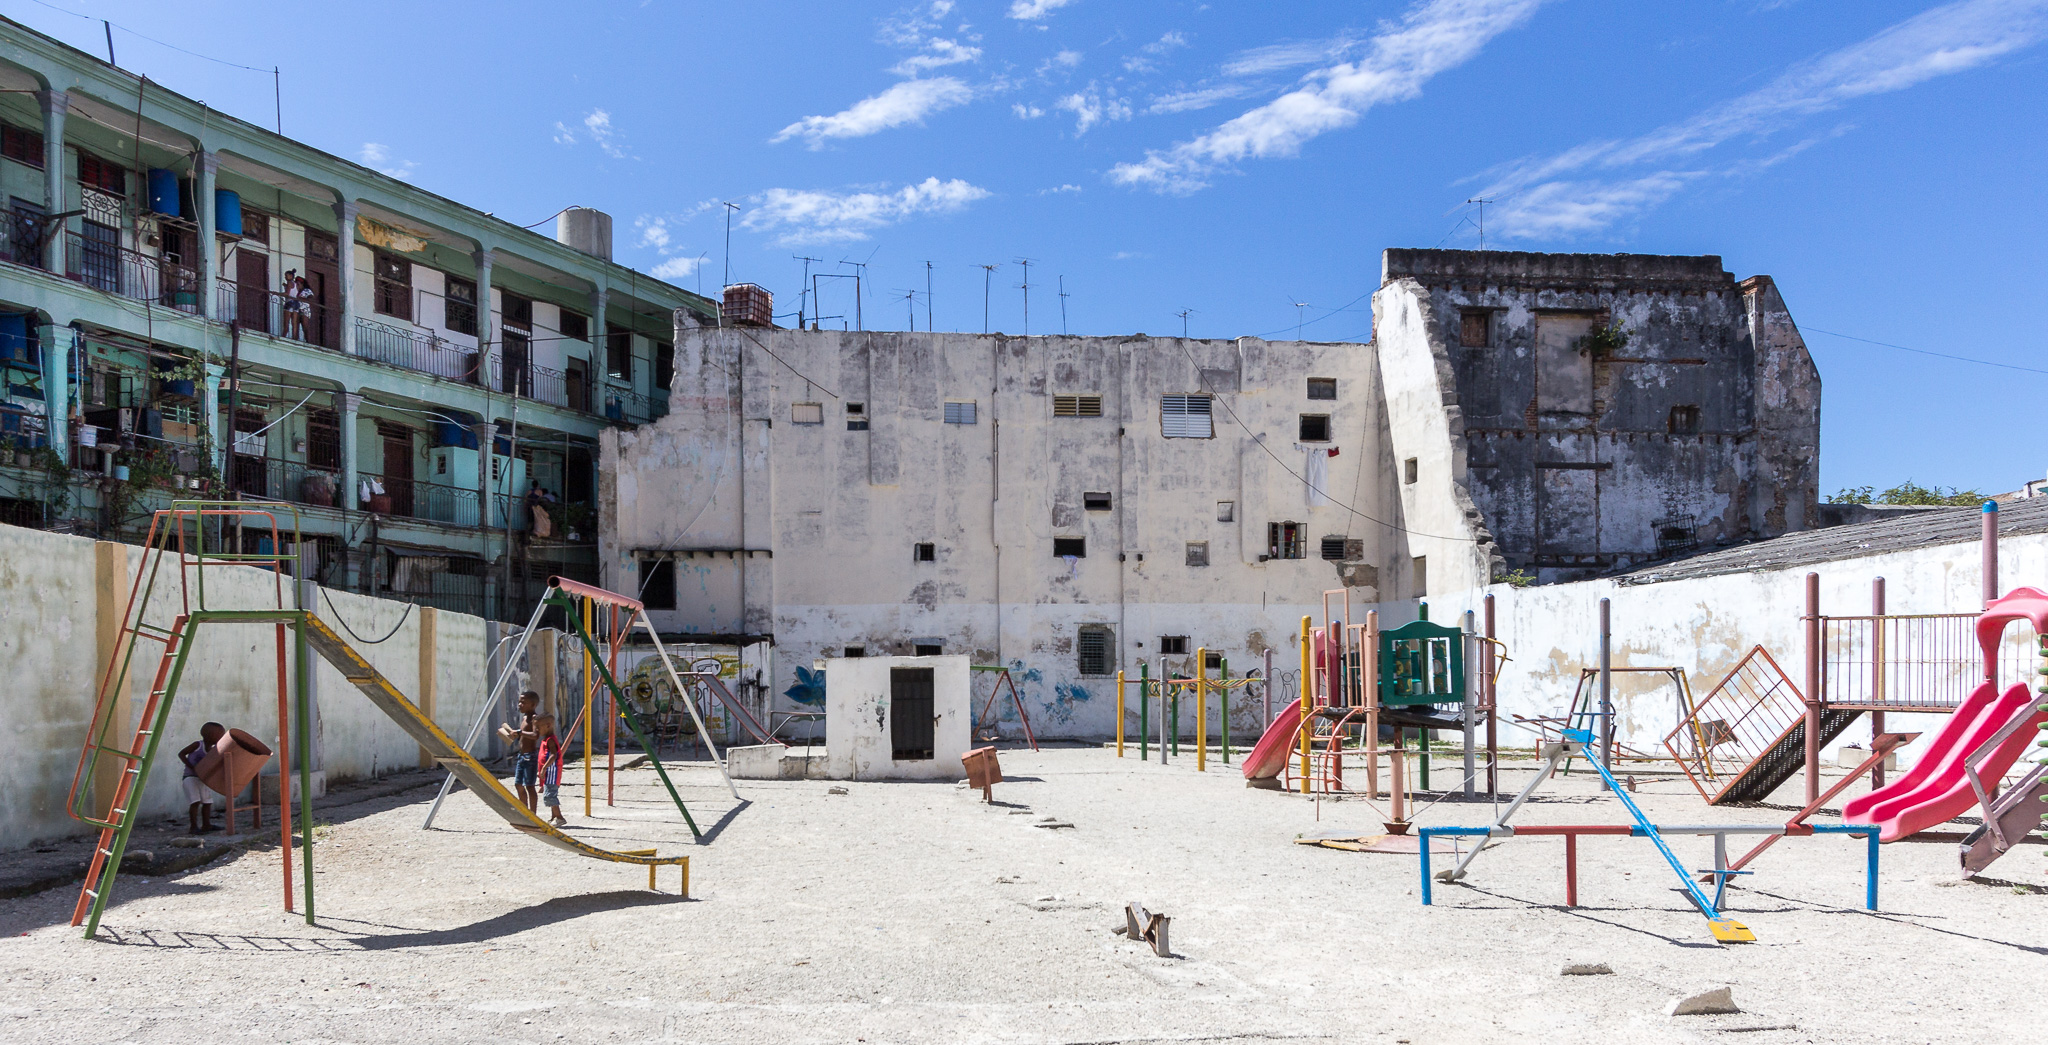 Spielplatz in der Mittagshitze in Havanna, Kuba